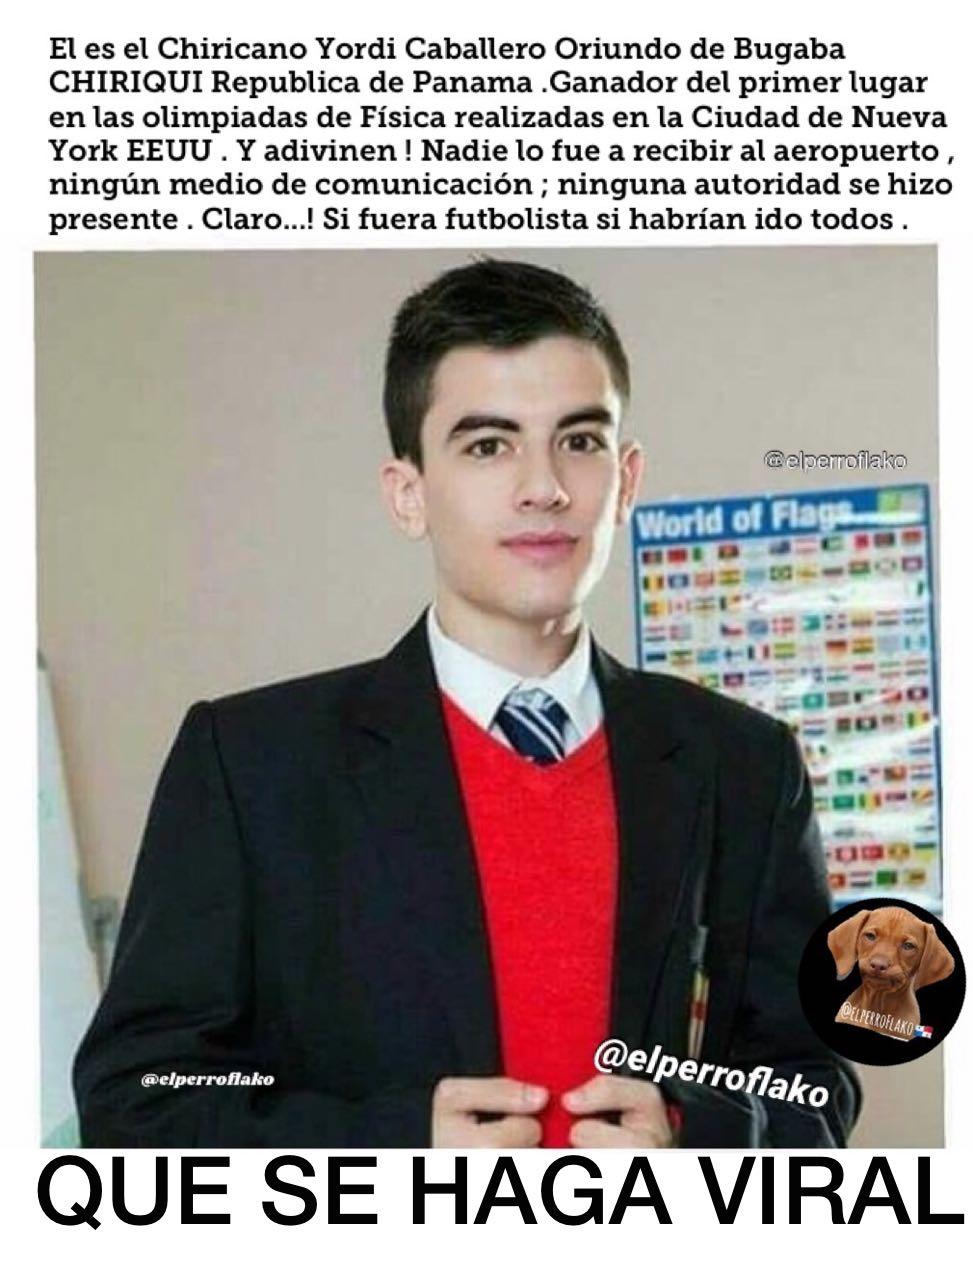 Actor Porno Que Parece Un Niño no era estudiante premiado sino el actor porno jordi, el